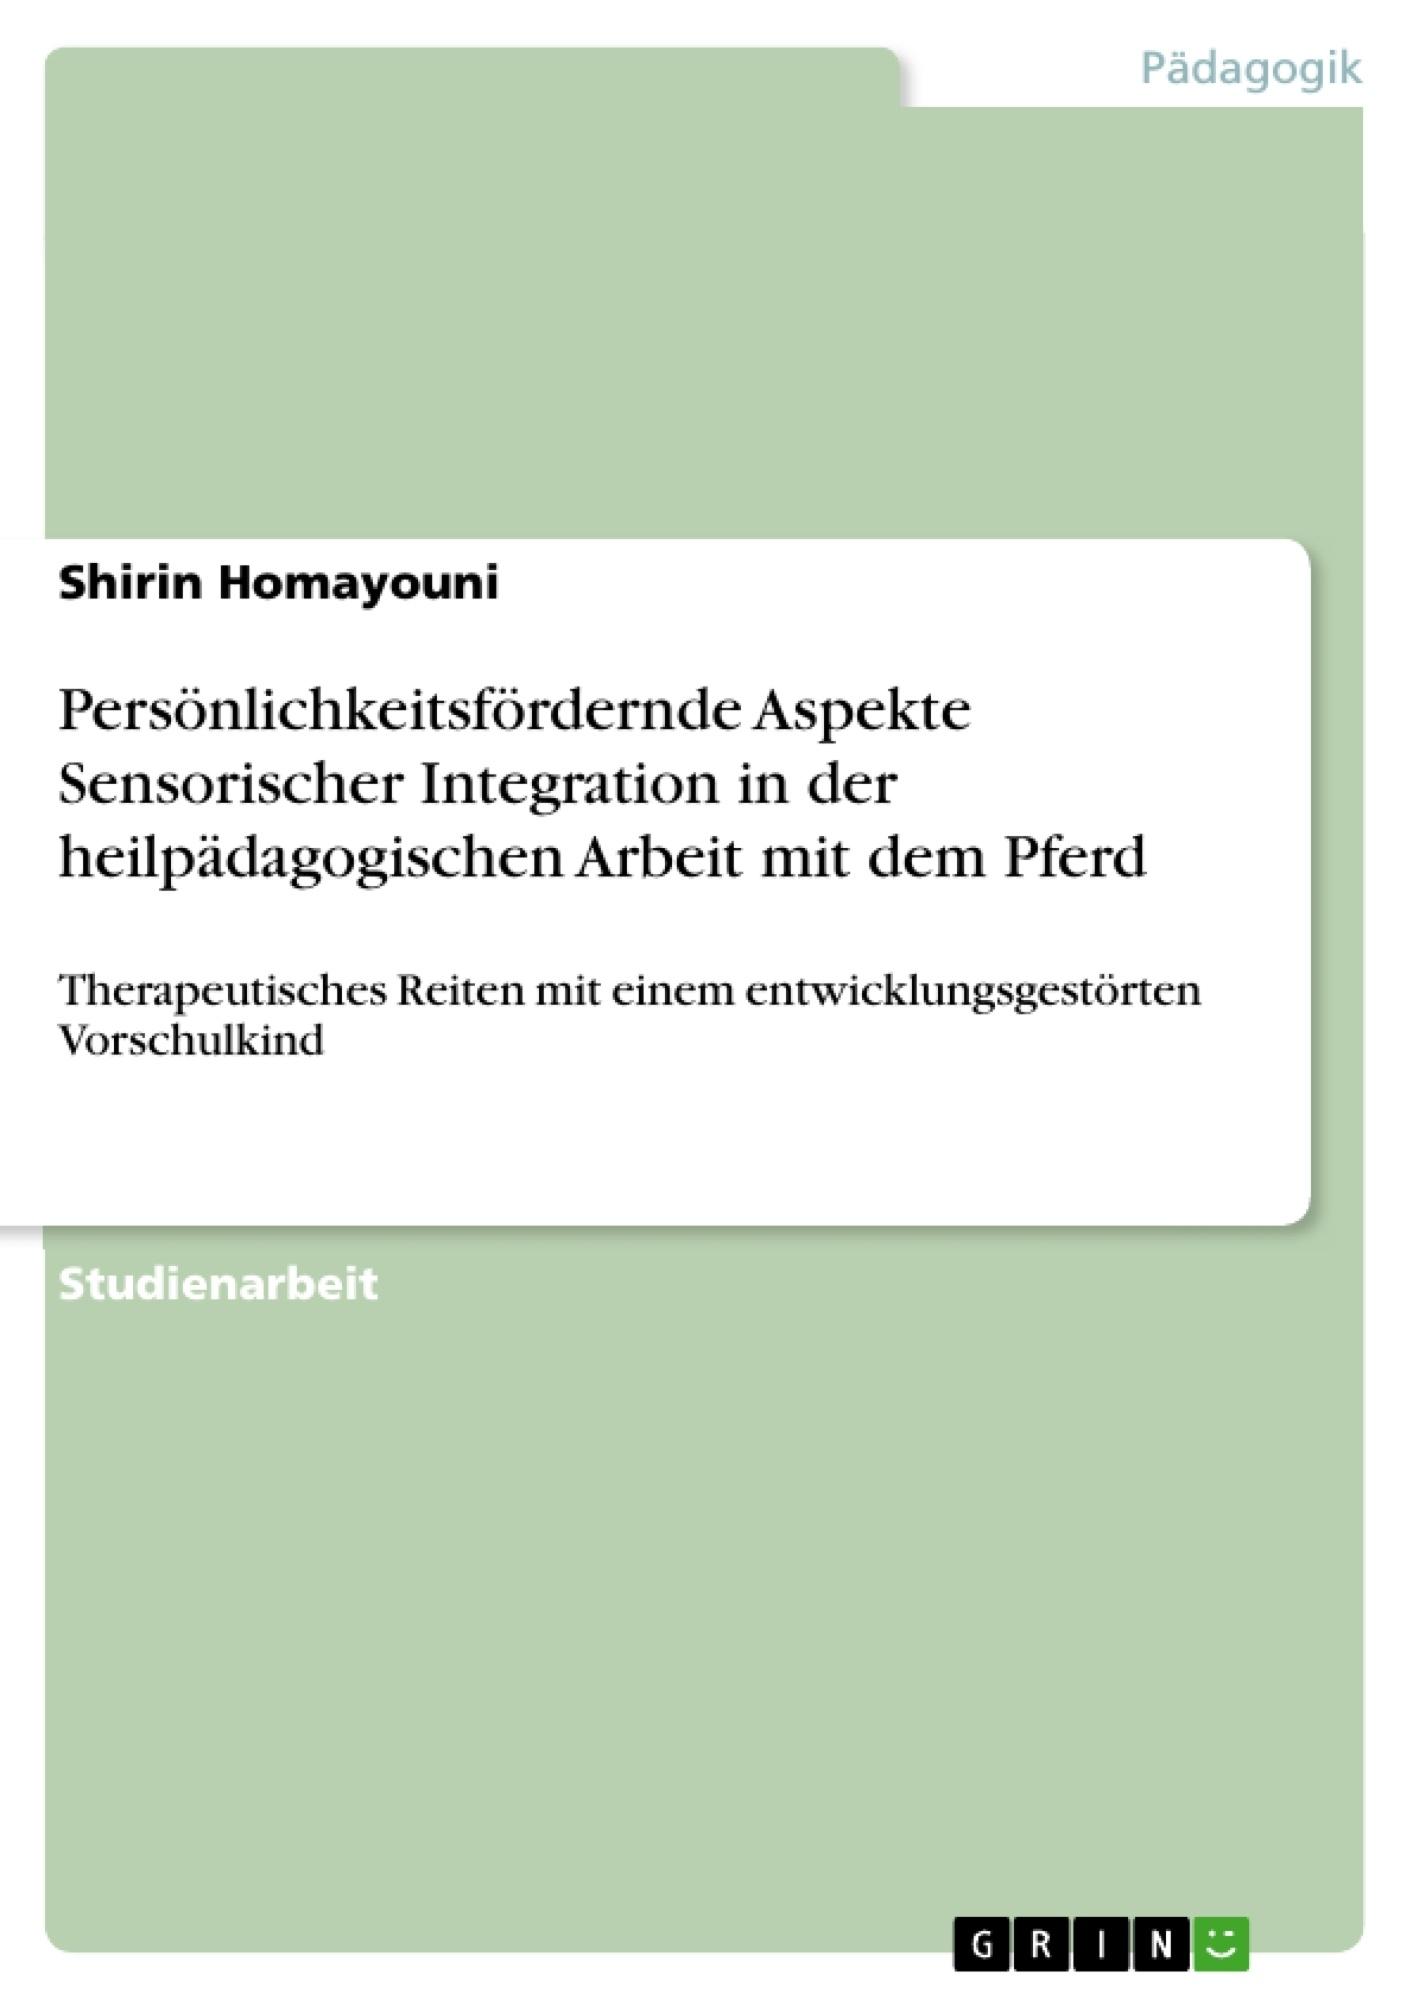 Titel: Persönlichkeitsfördernde Aspekte Sensorischer Integration in der heilpädagogischen Arbeit mit dem Pferd